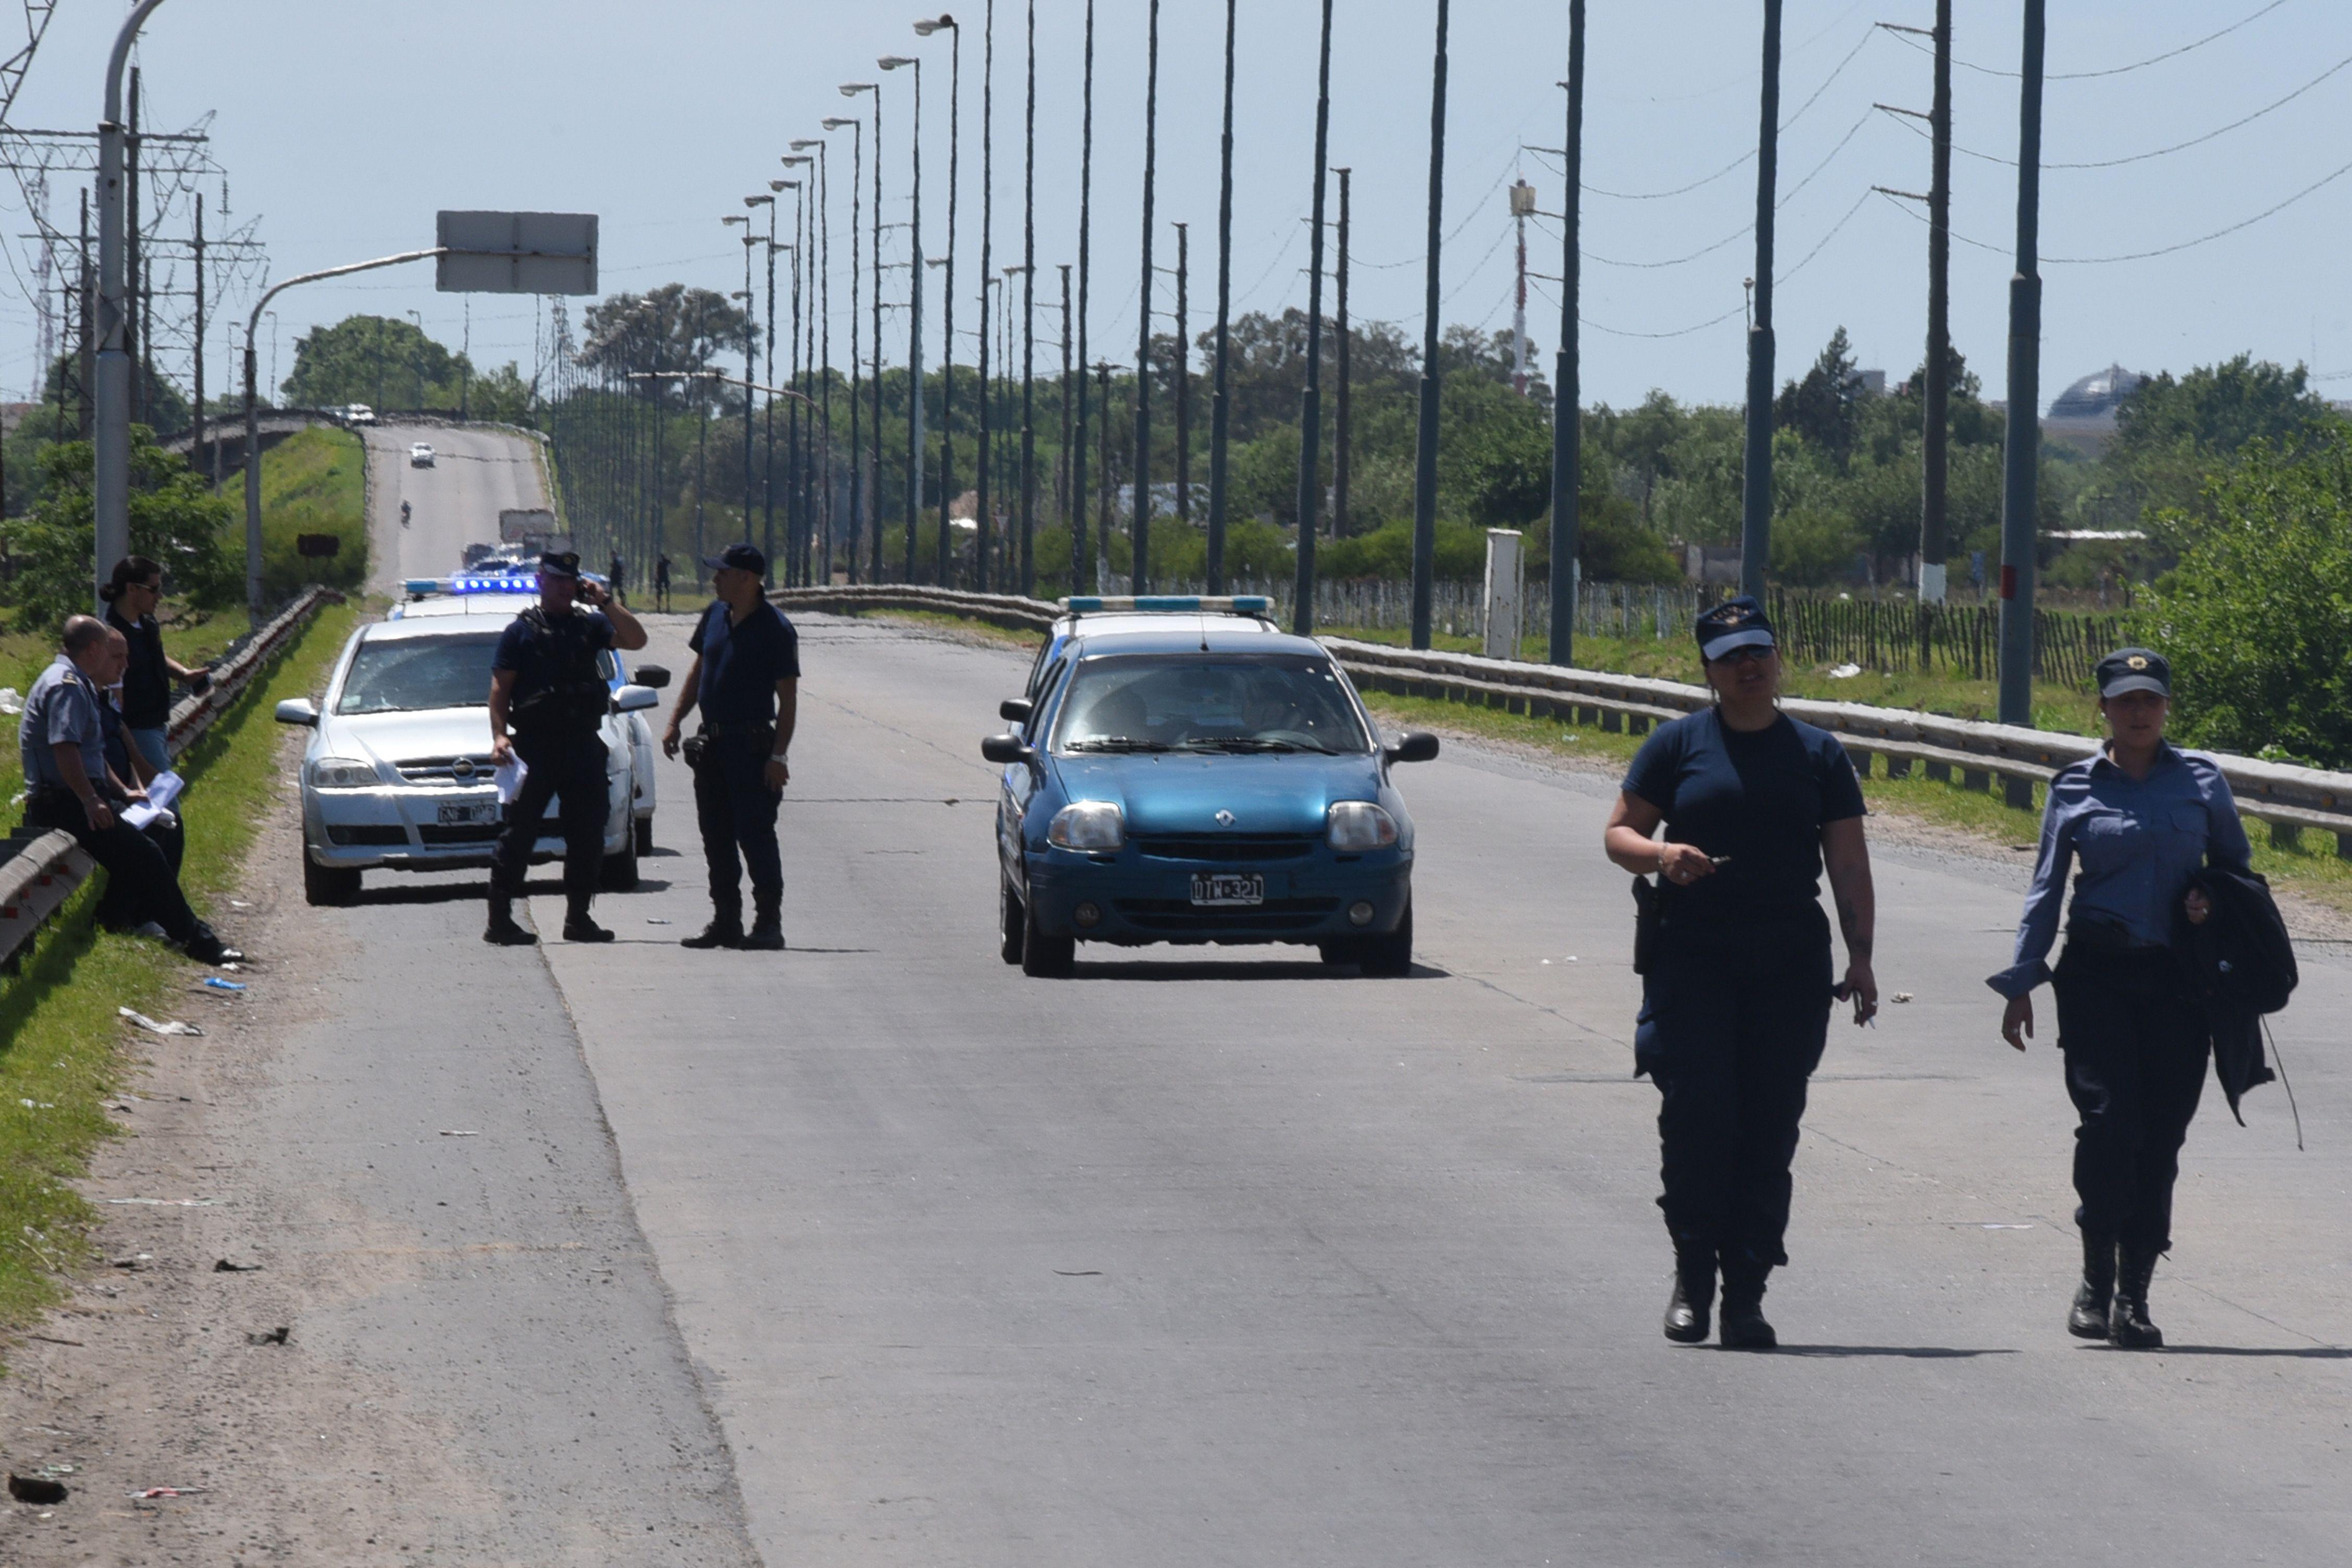 Cavalli fue asesinado mientras esperaba luz verde de un semáforo en Sorrento y Circunvalación. (Celina Mutti Lovera / La Capital)